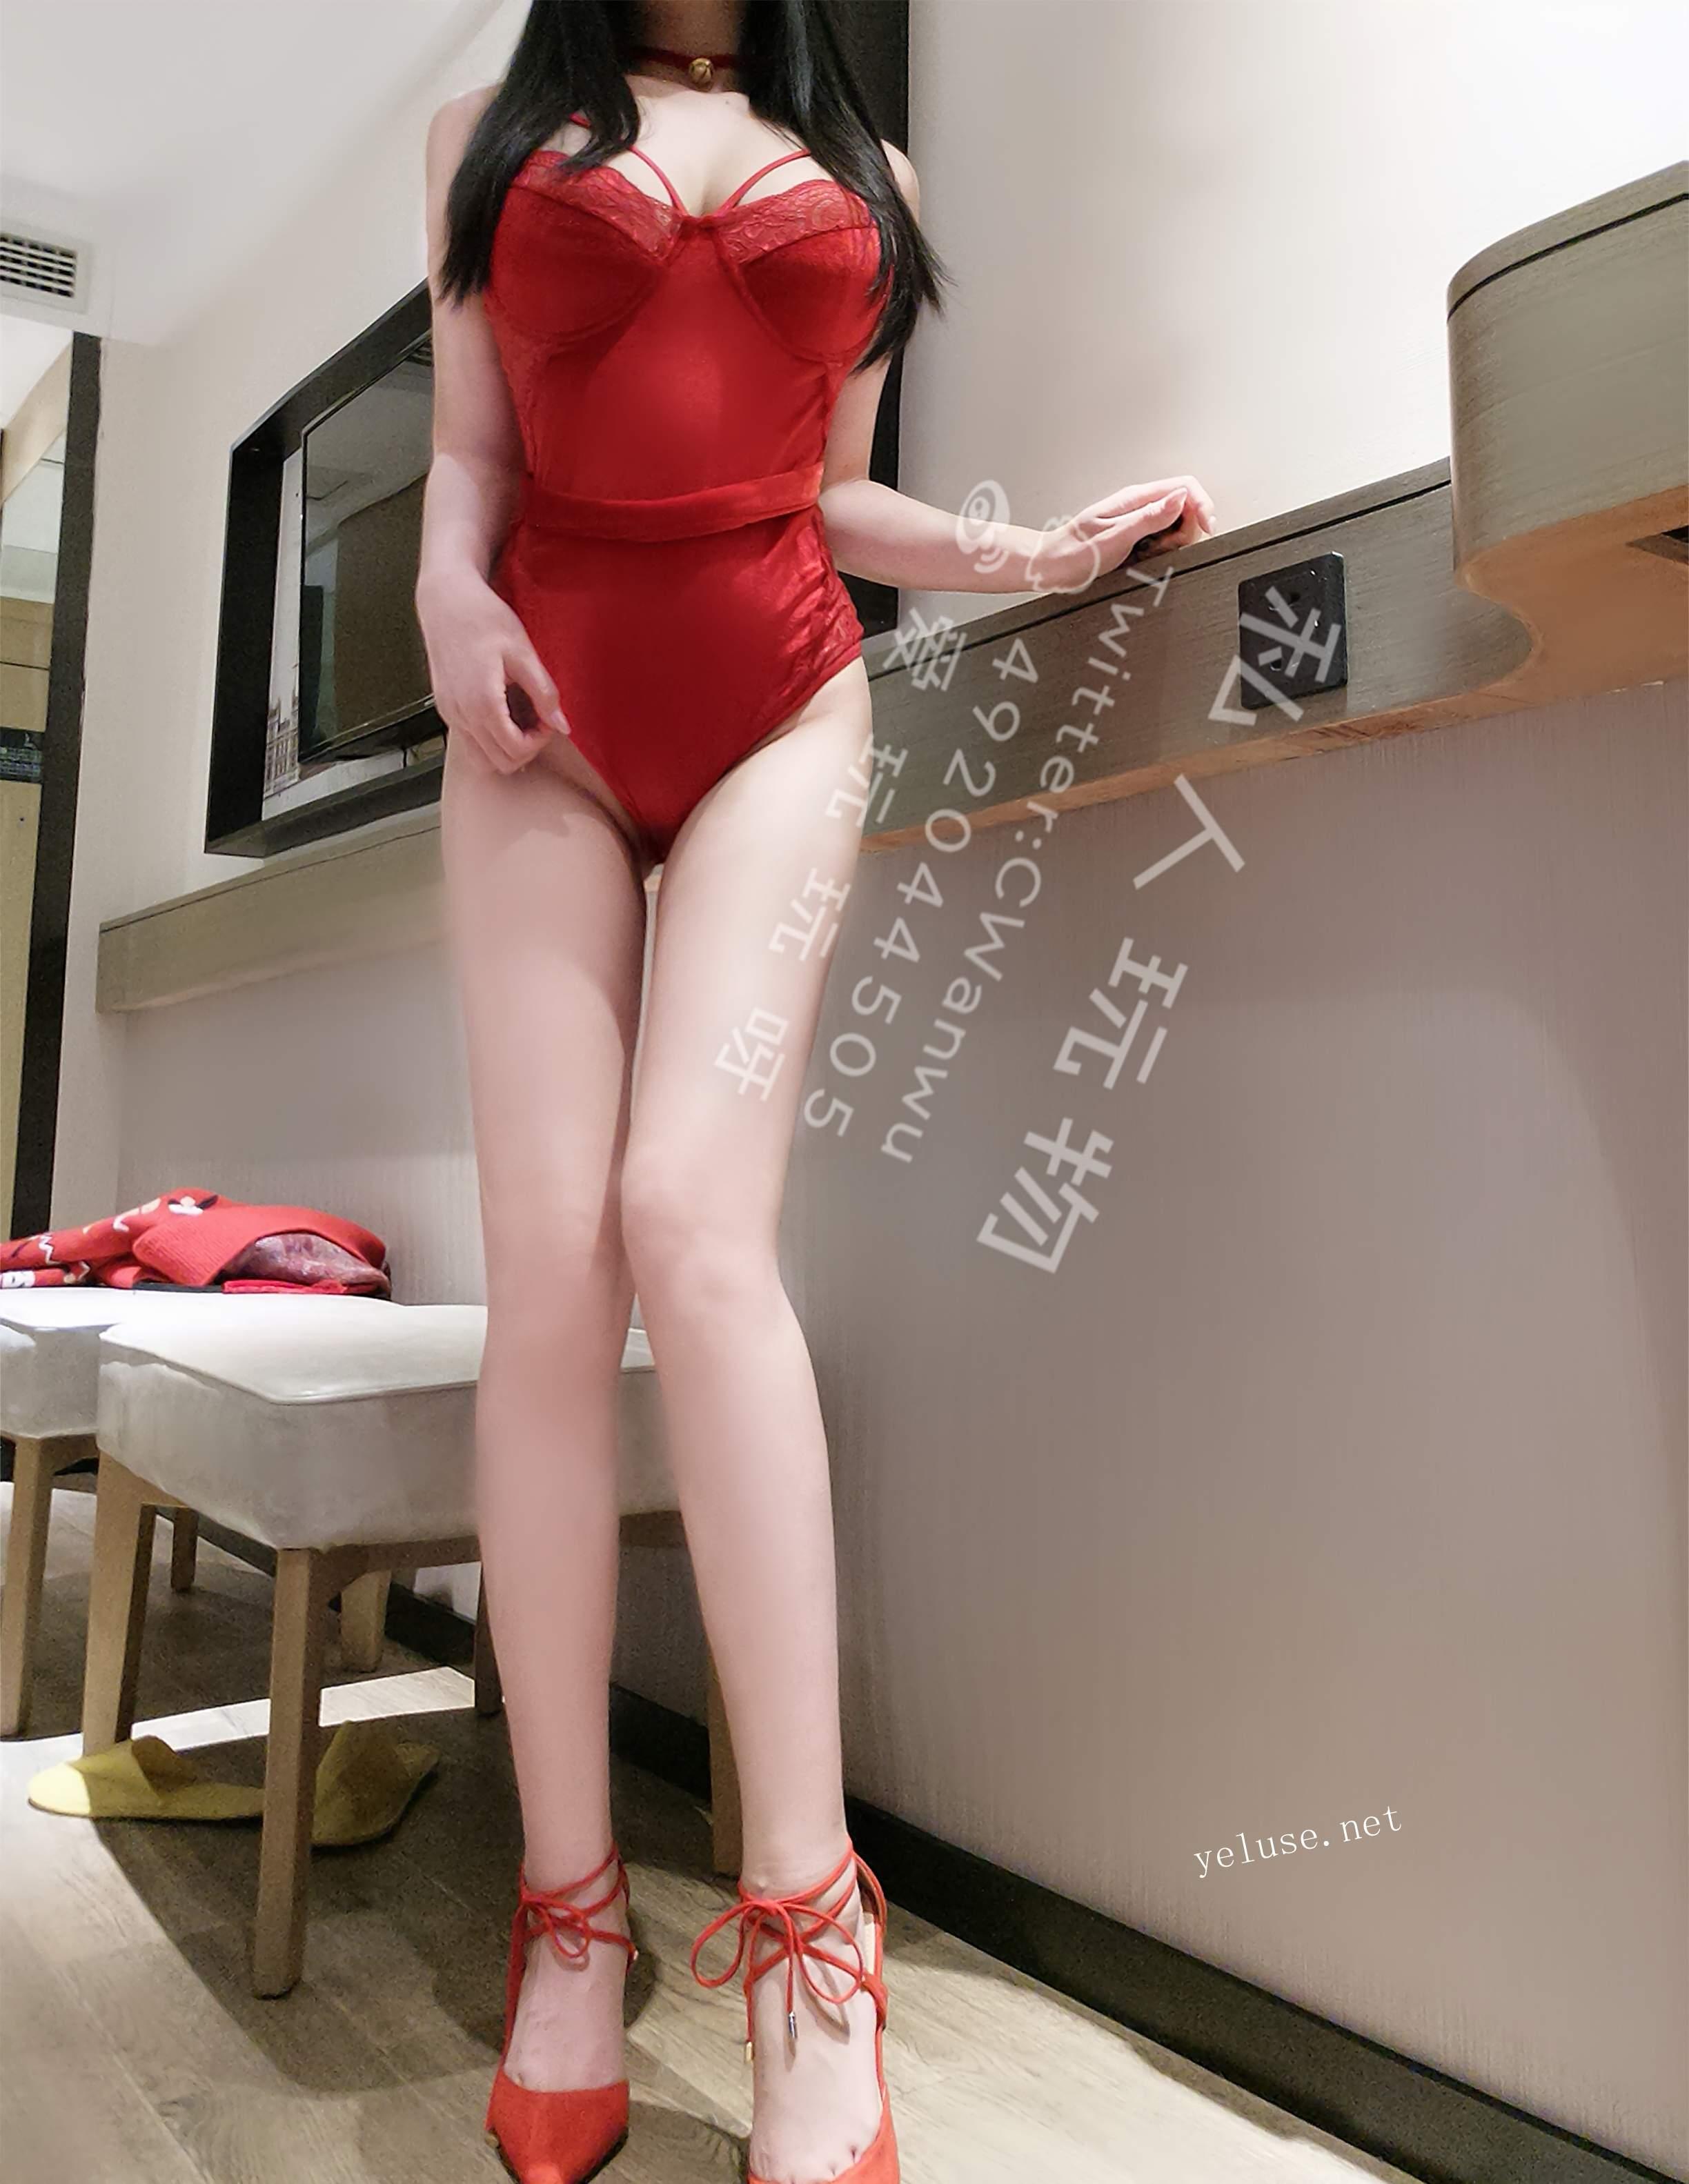 私人玩物-红色情趣内衣 COS-第2张